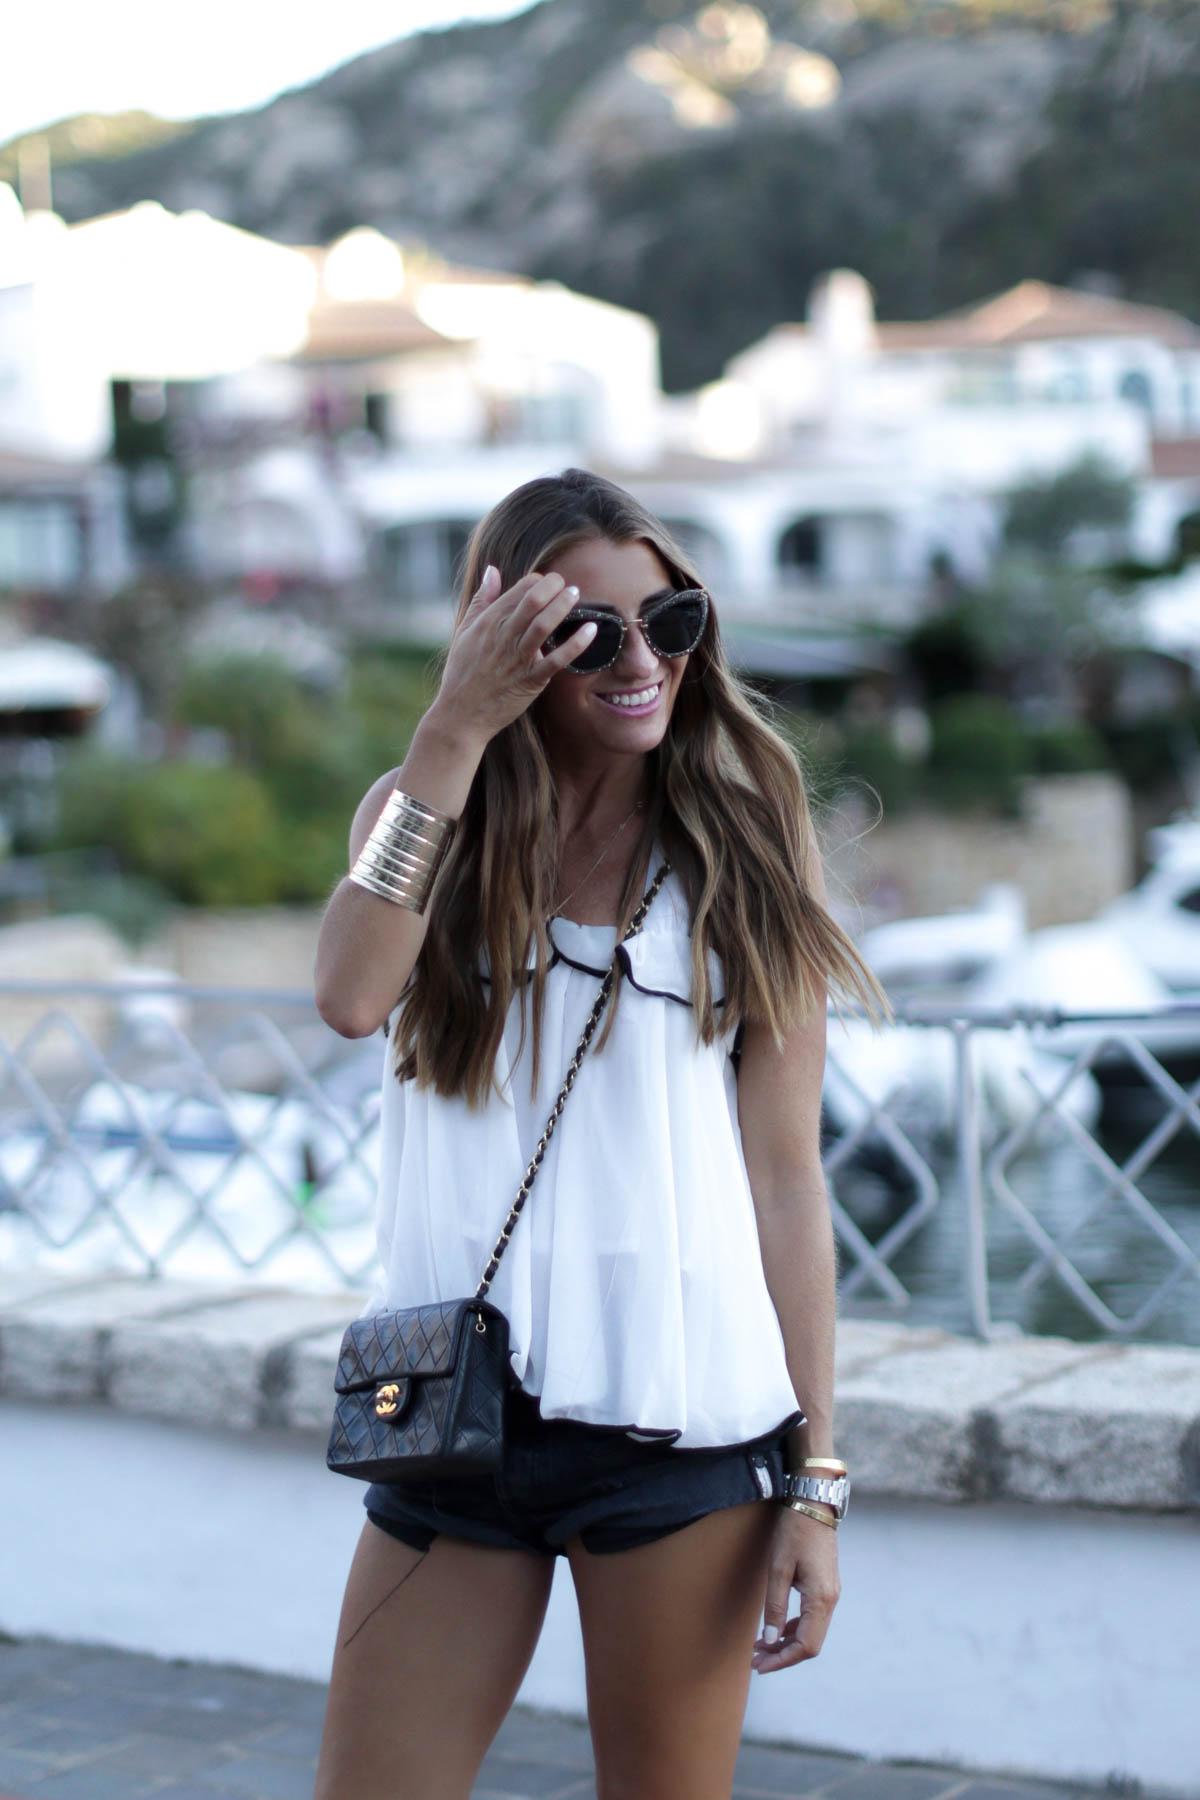 bartabac blob moda fashion chanel aquazzura sandals oneteaspoon bag bolso